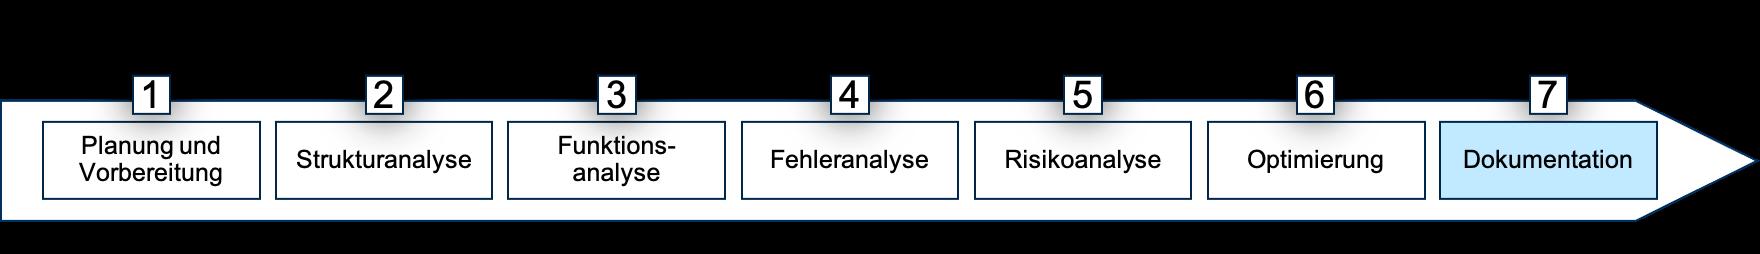 7 Schritte FMEA Schritt 7 Banner